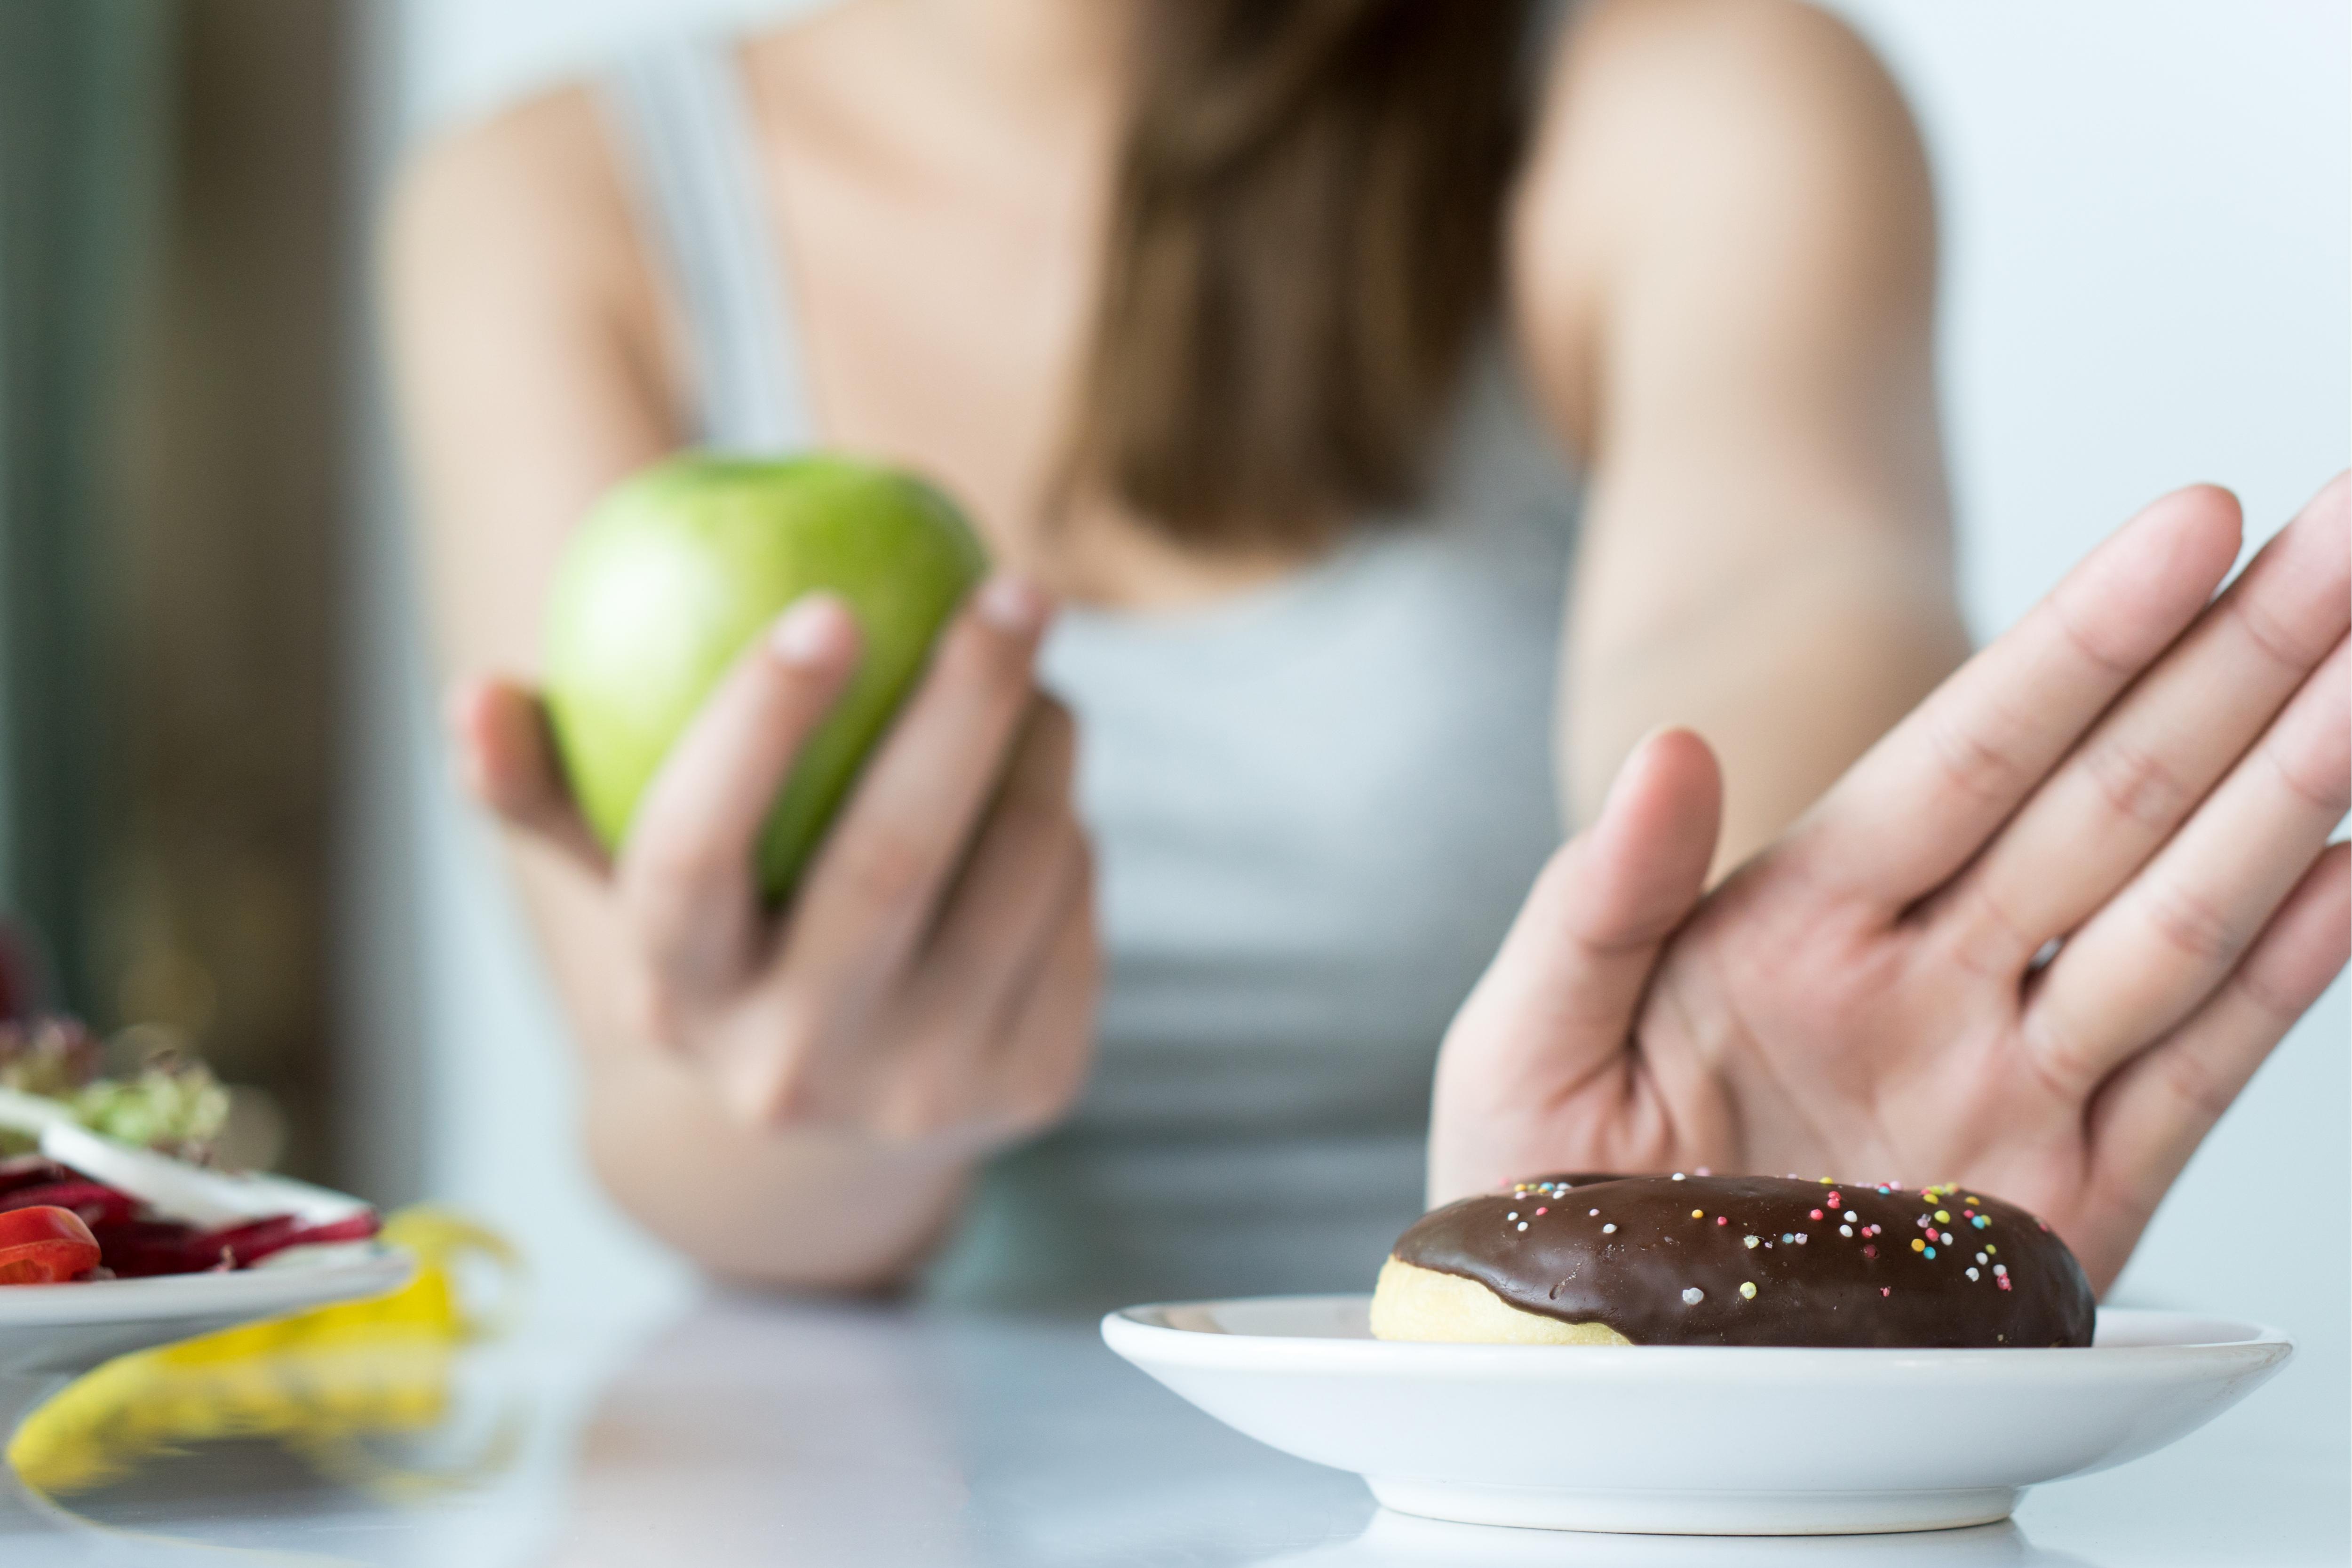 digiuno intermittente, dieta, fitenss